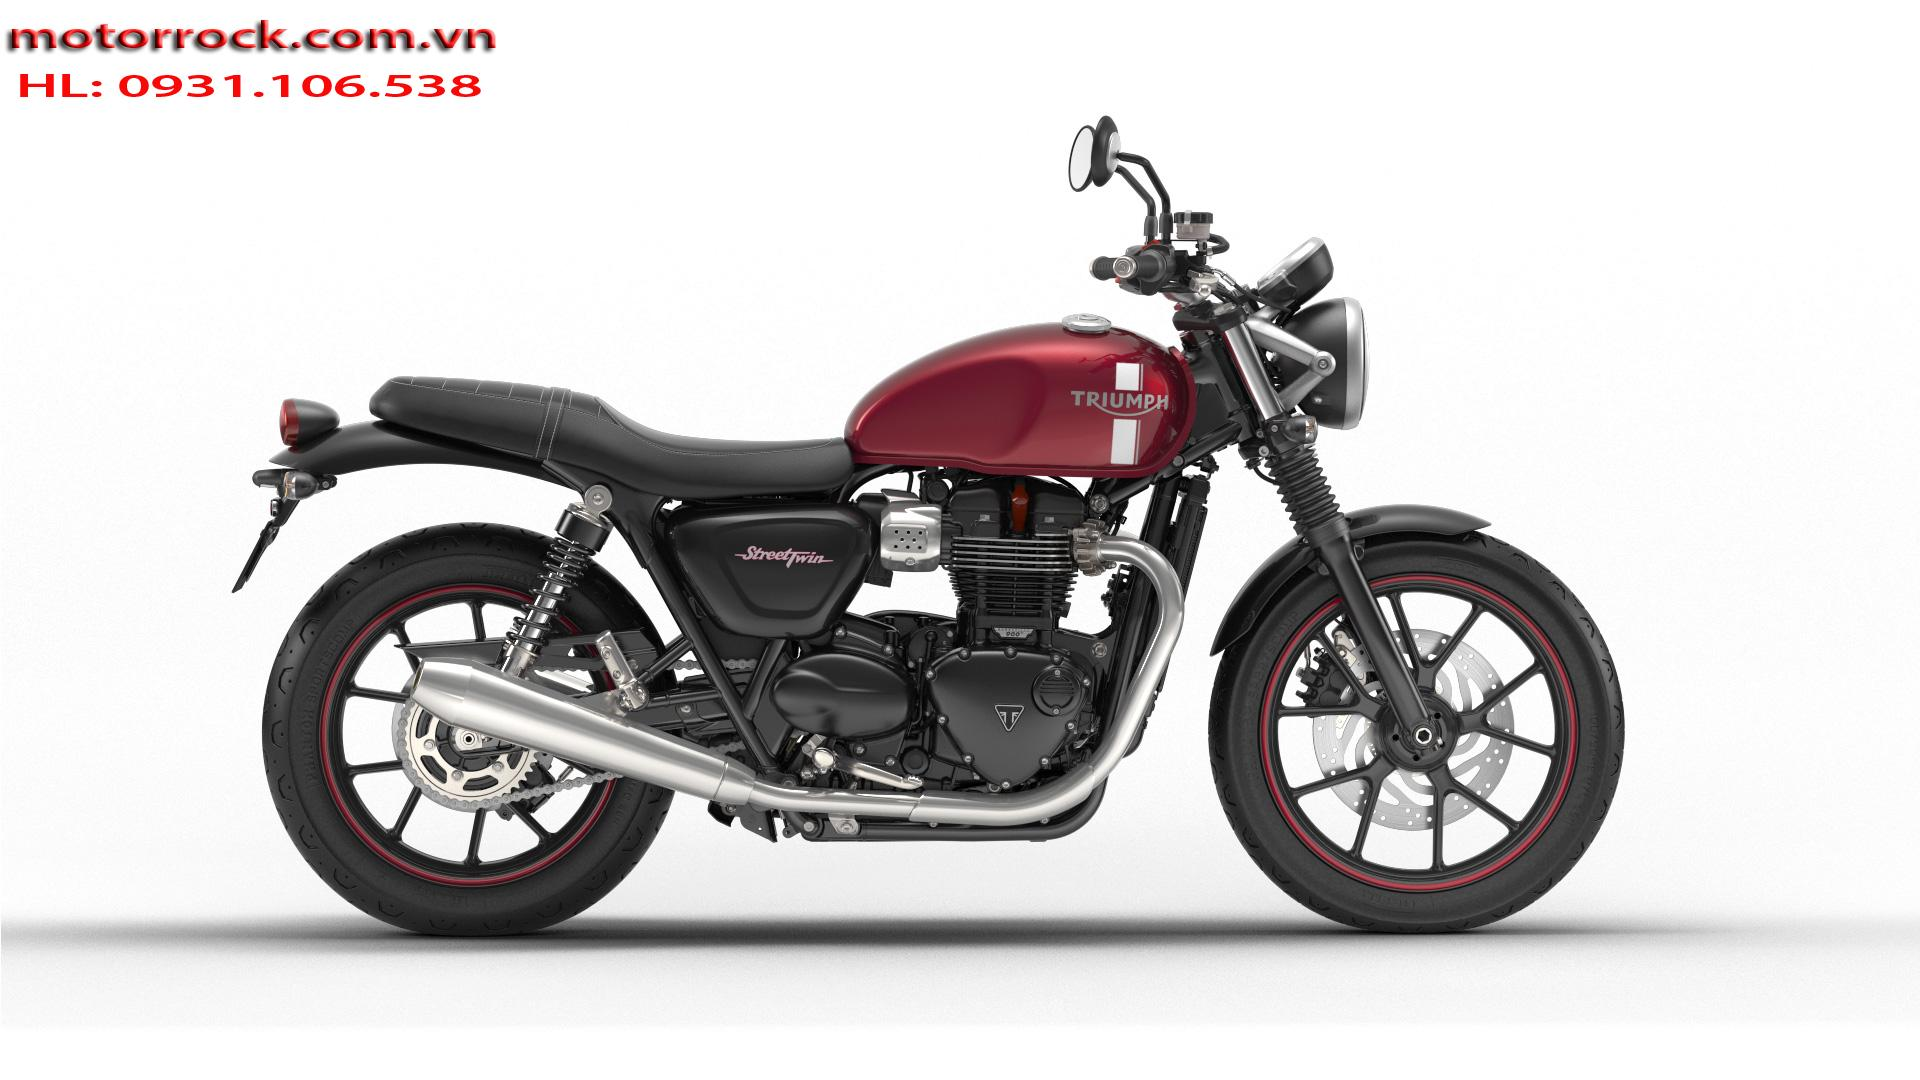 Moto Triumph Thanh Bình